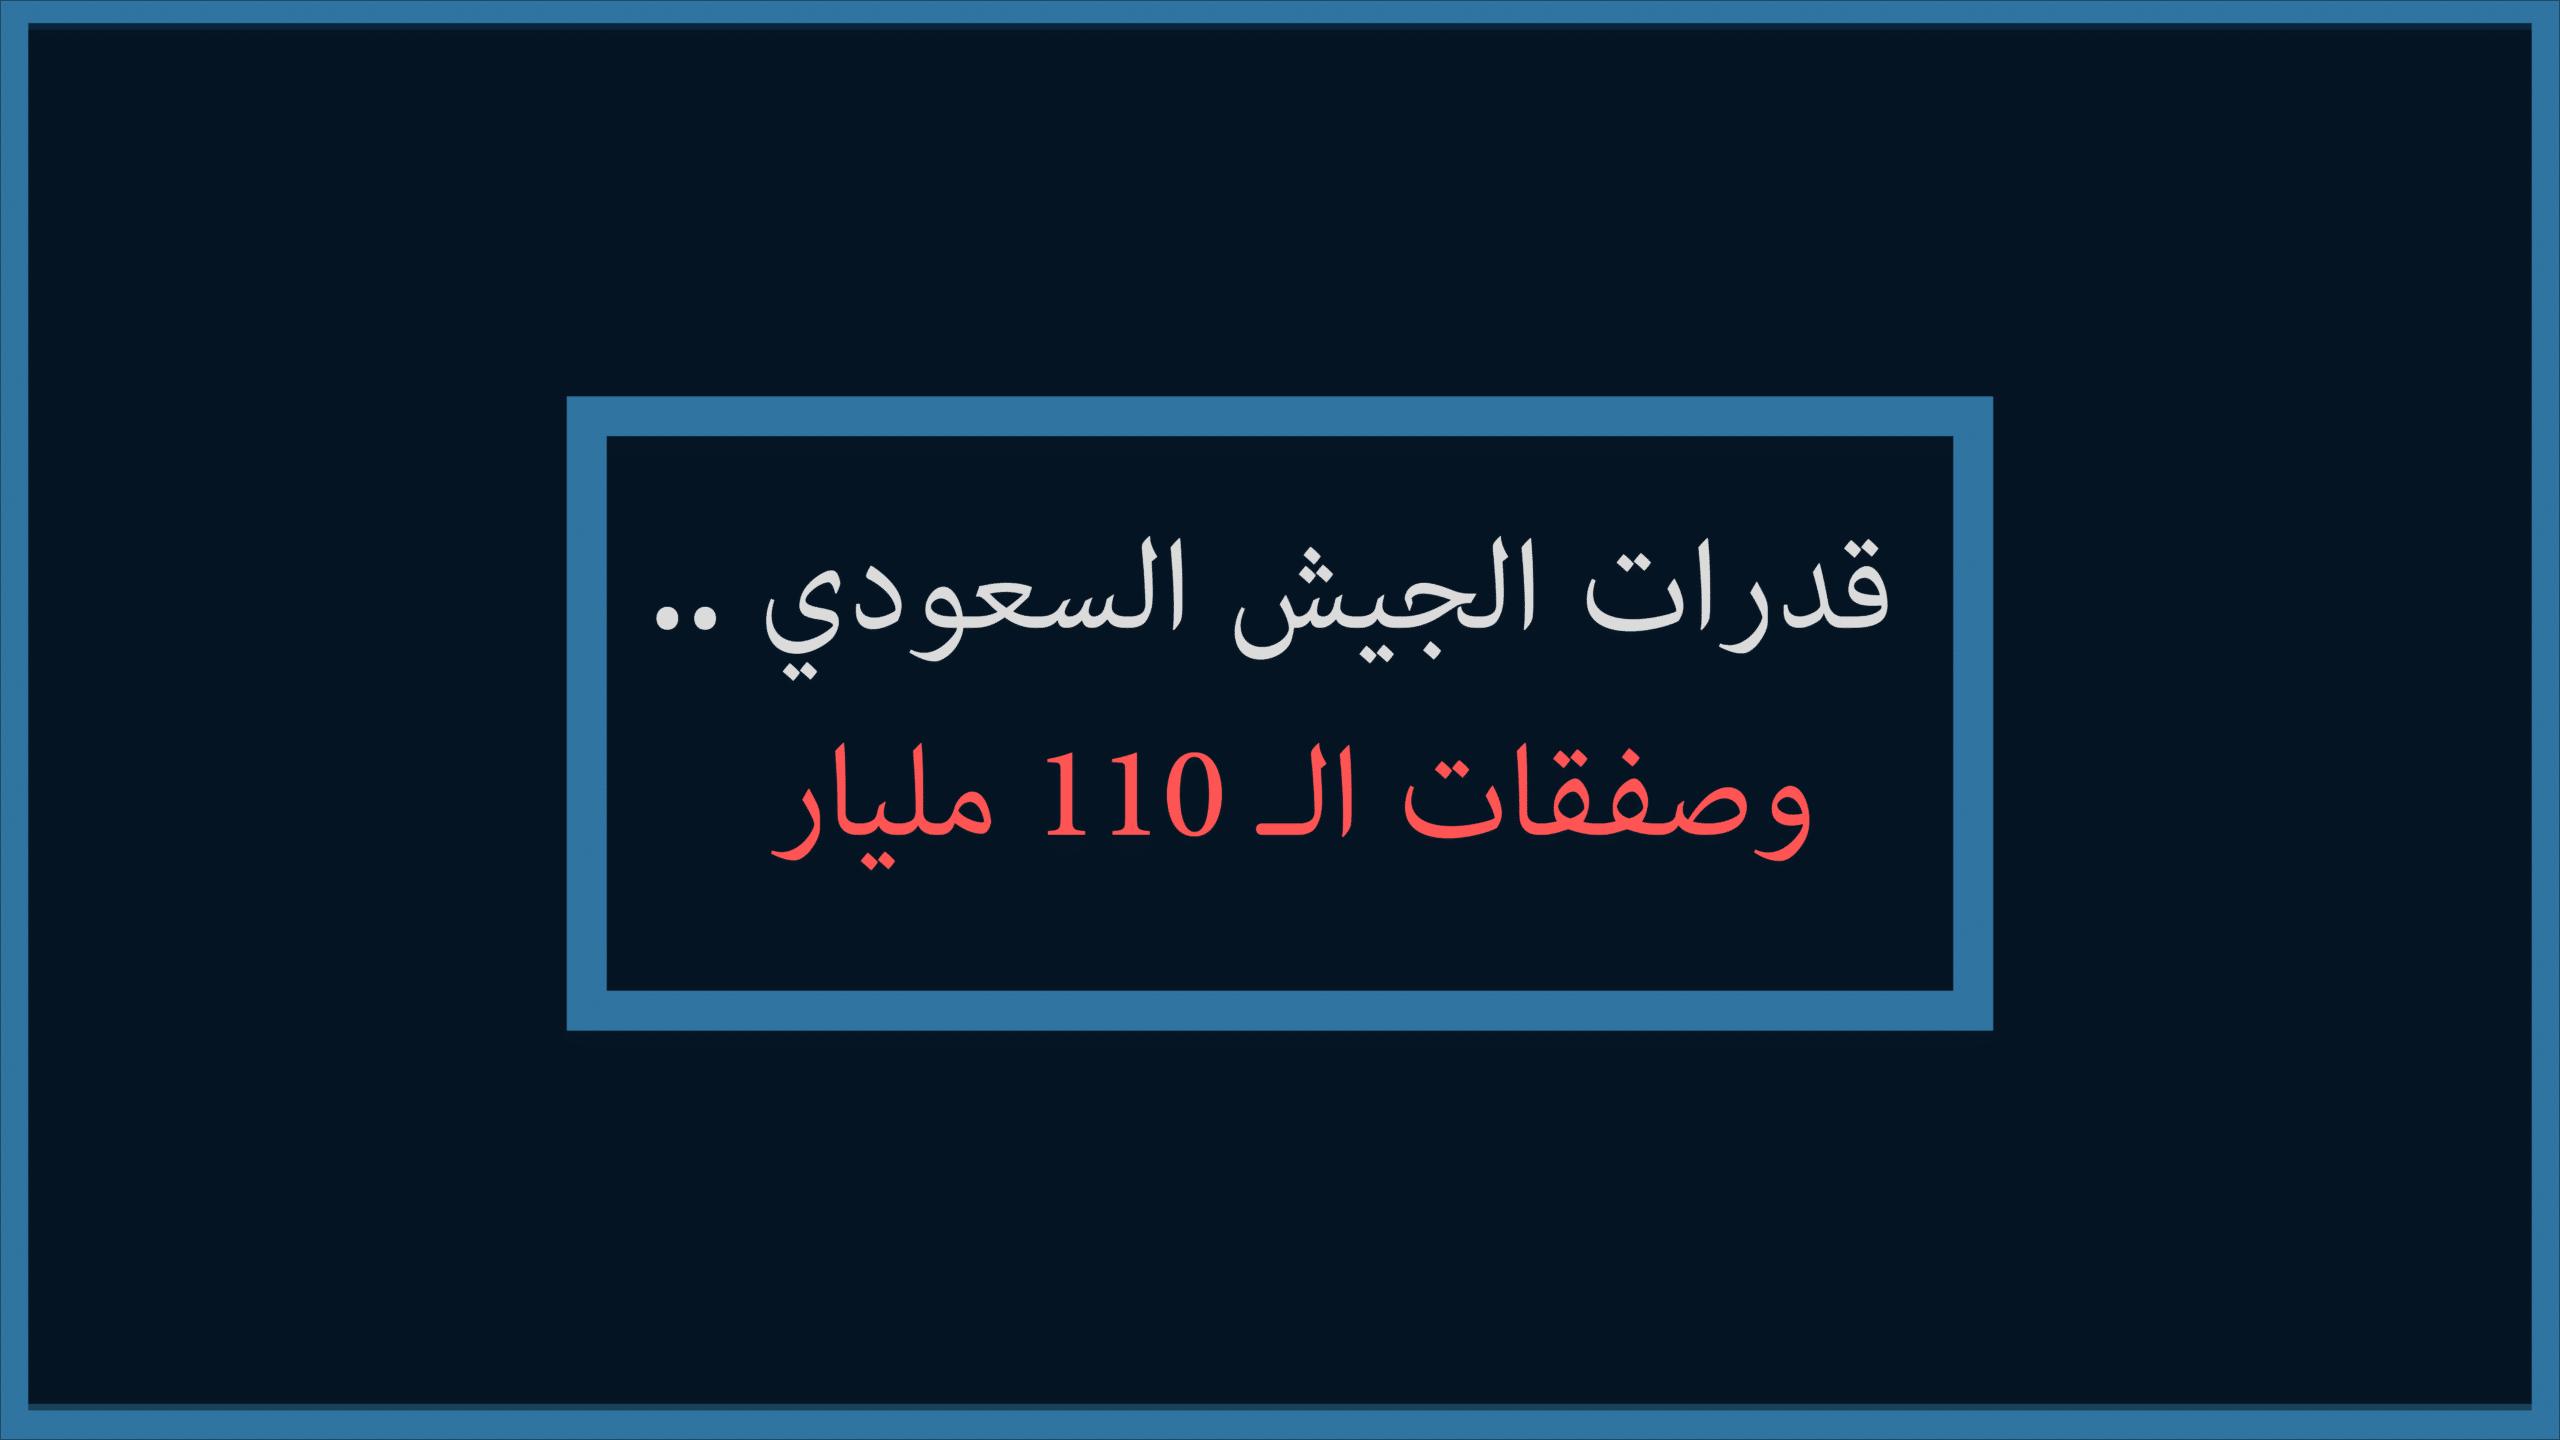 Photo of مستقبل الجيش السعودي في حال إتمام صفقات 110 مليار